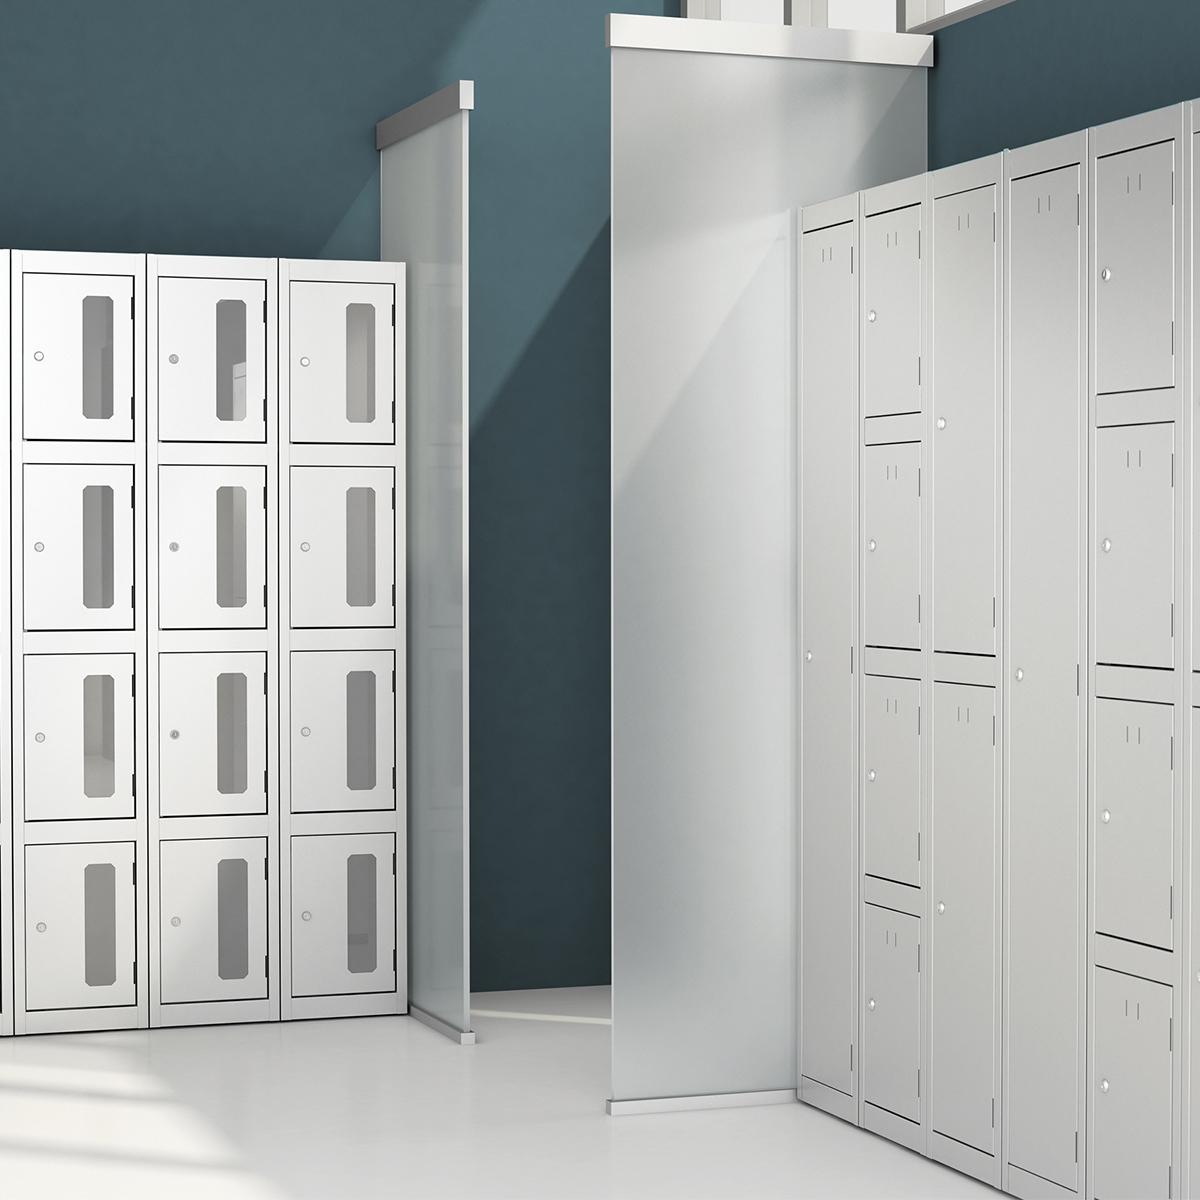 Silverline Kontrax Lockers